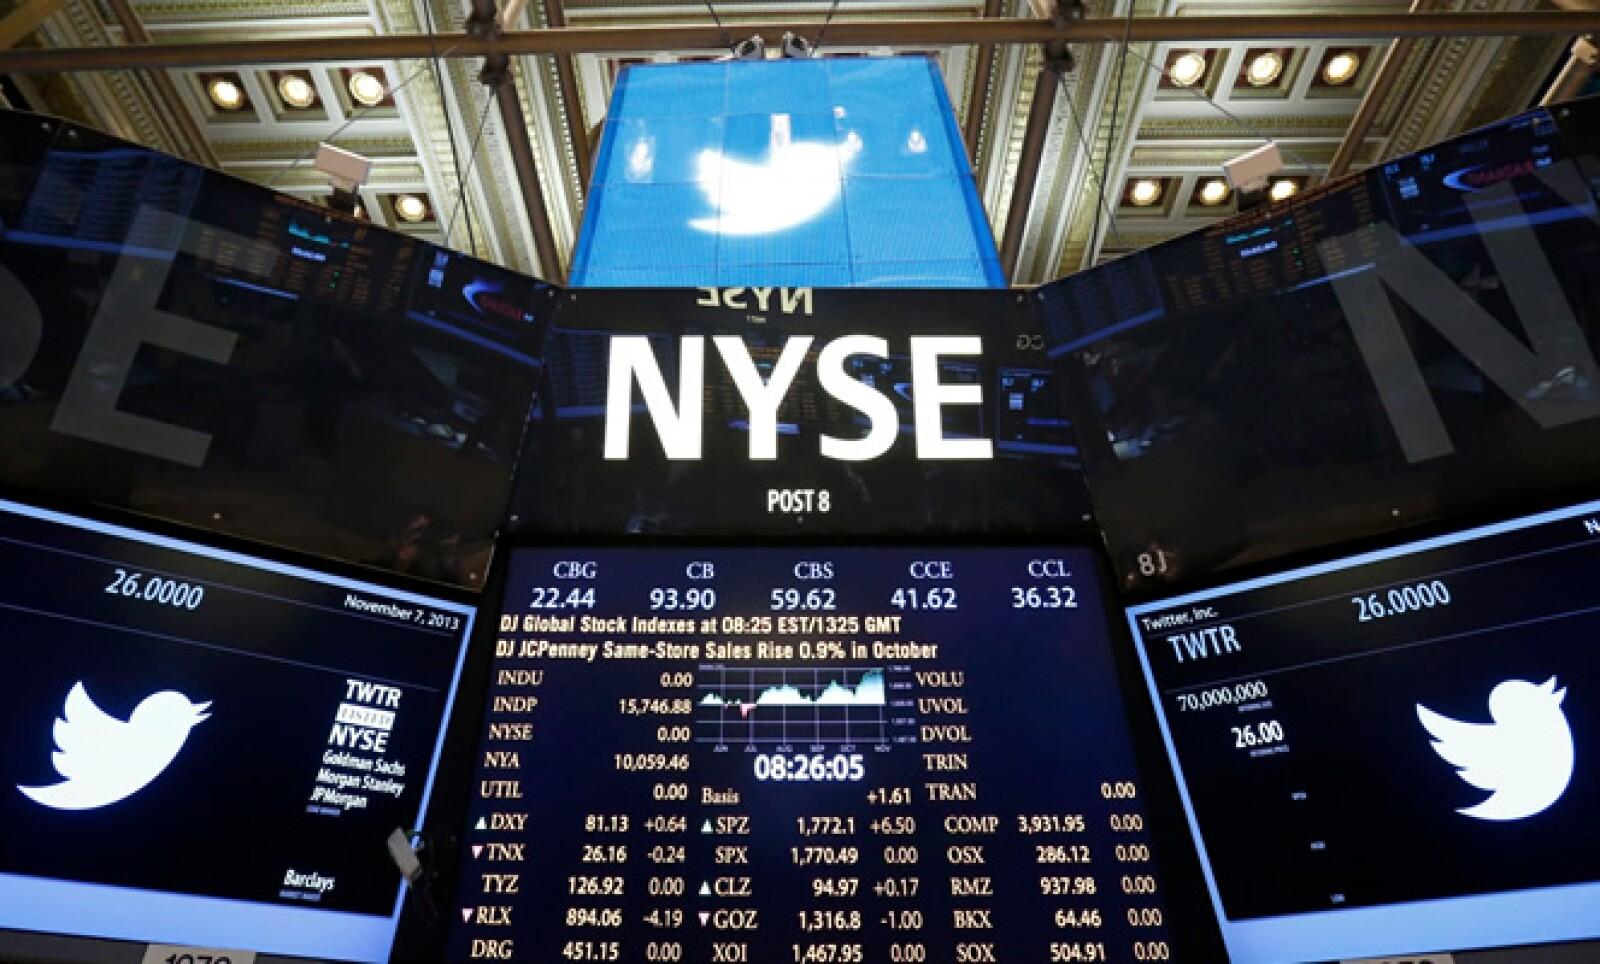 Las acciones de la red social empezaron a cotizar cerca de las 10:00 hora de México, casi dos horas después de la apertura de mercado.